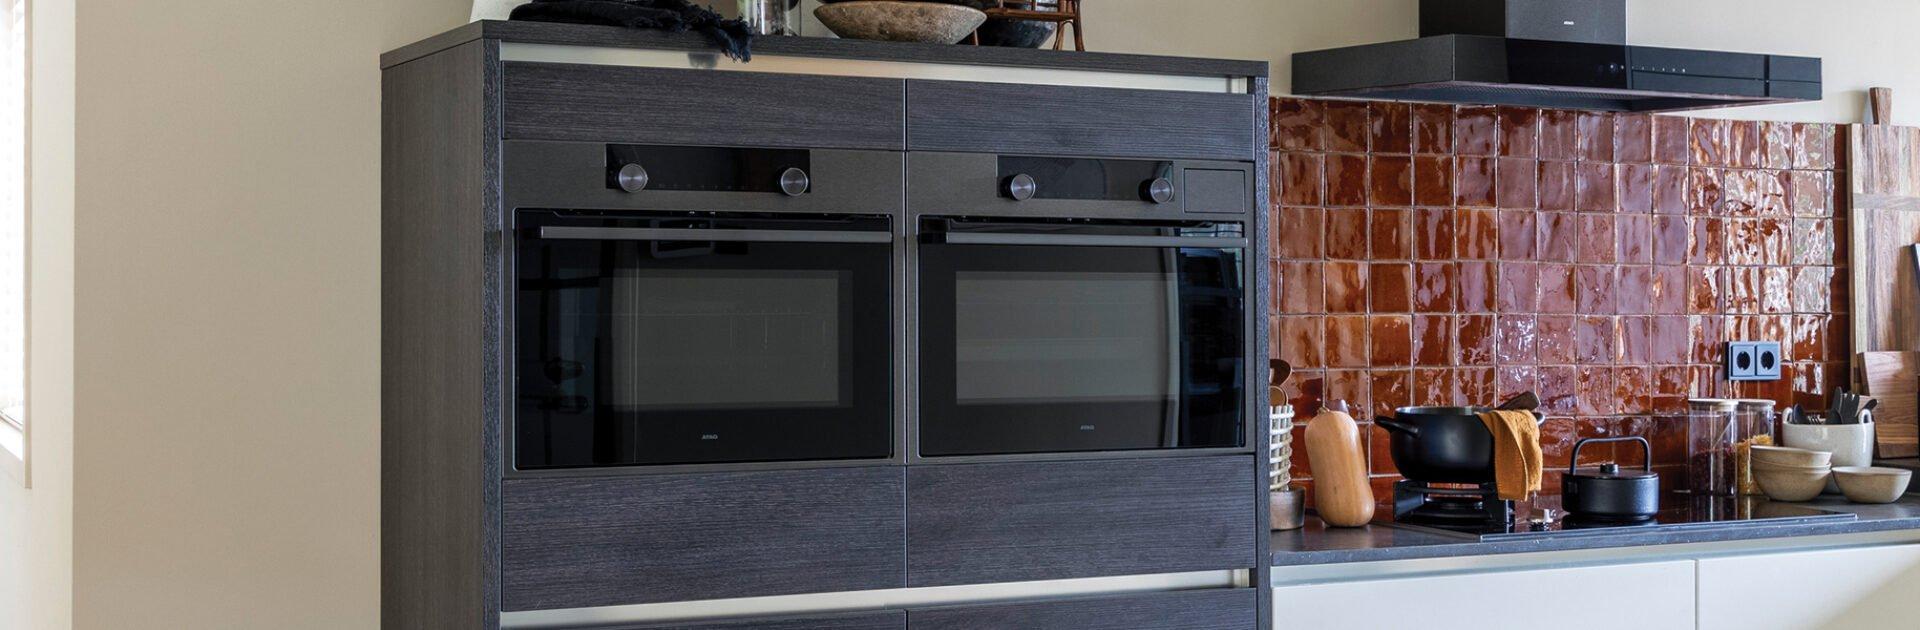 Onmisbaar of optioneel keukenapparatuur | Satink Keukens